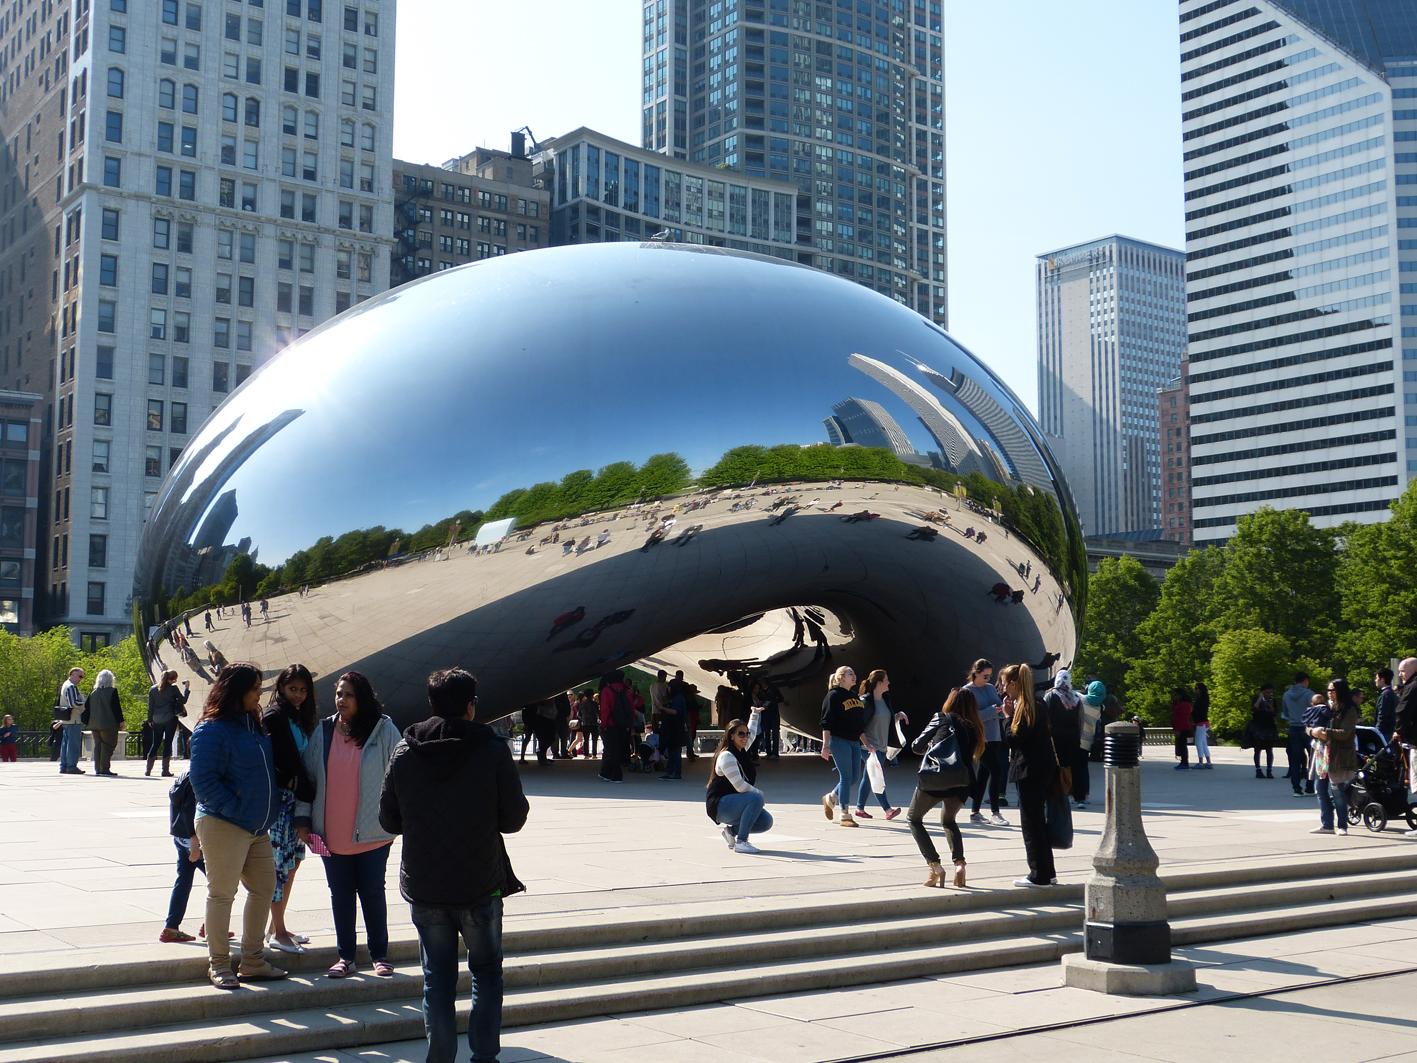 Alexander Schulz war im Millennium Park von Chicago, USA : »Die Chicagoer nennen das Cloud Gate schlicht und prosaisch The Bean. Mich erinnerte es eher an einen gigantischen Tropfen Quecksilber.«